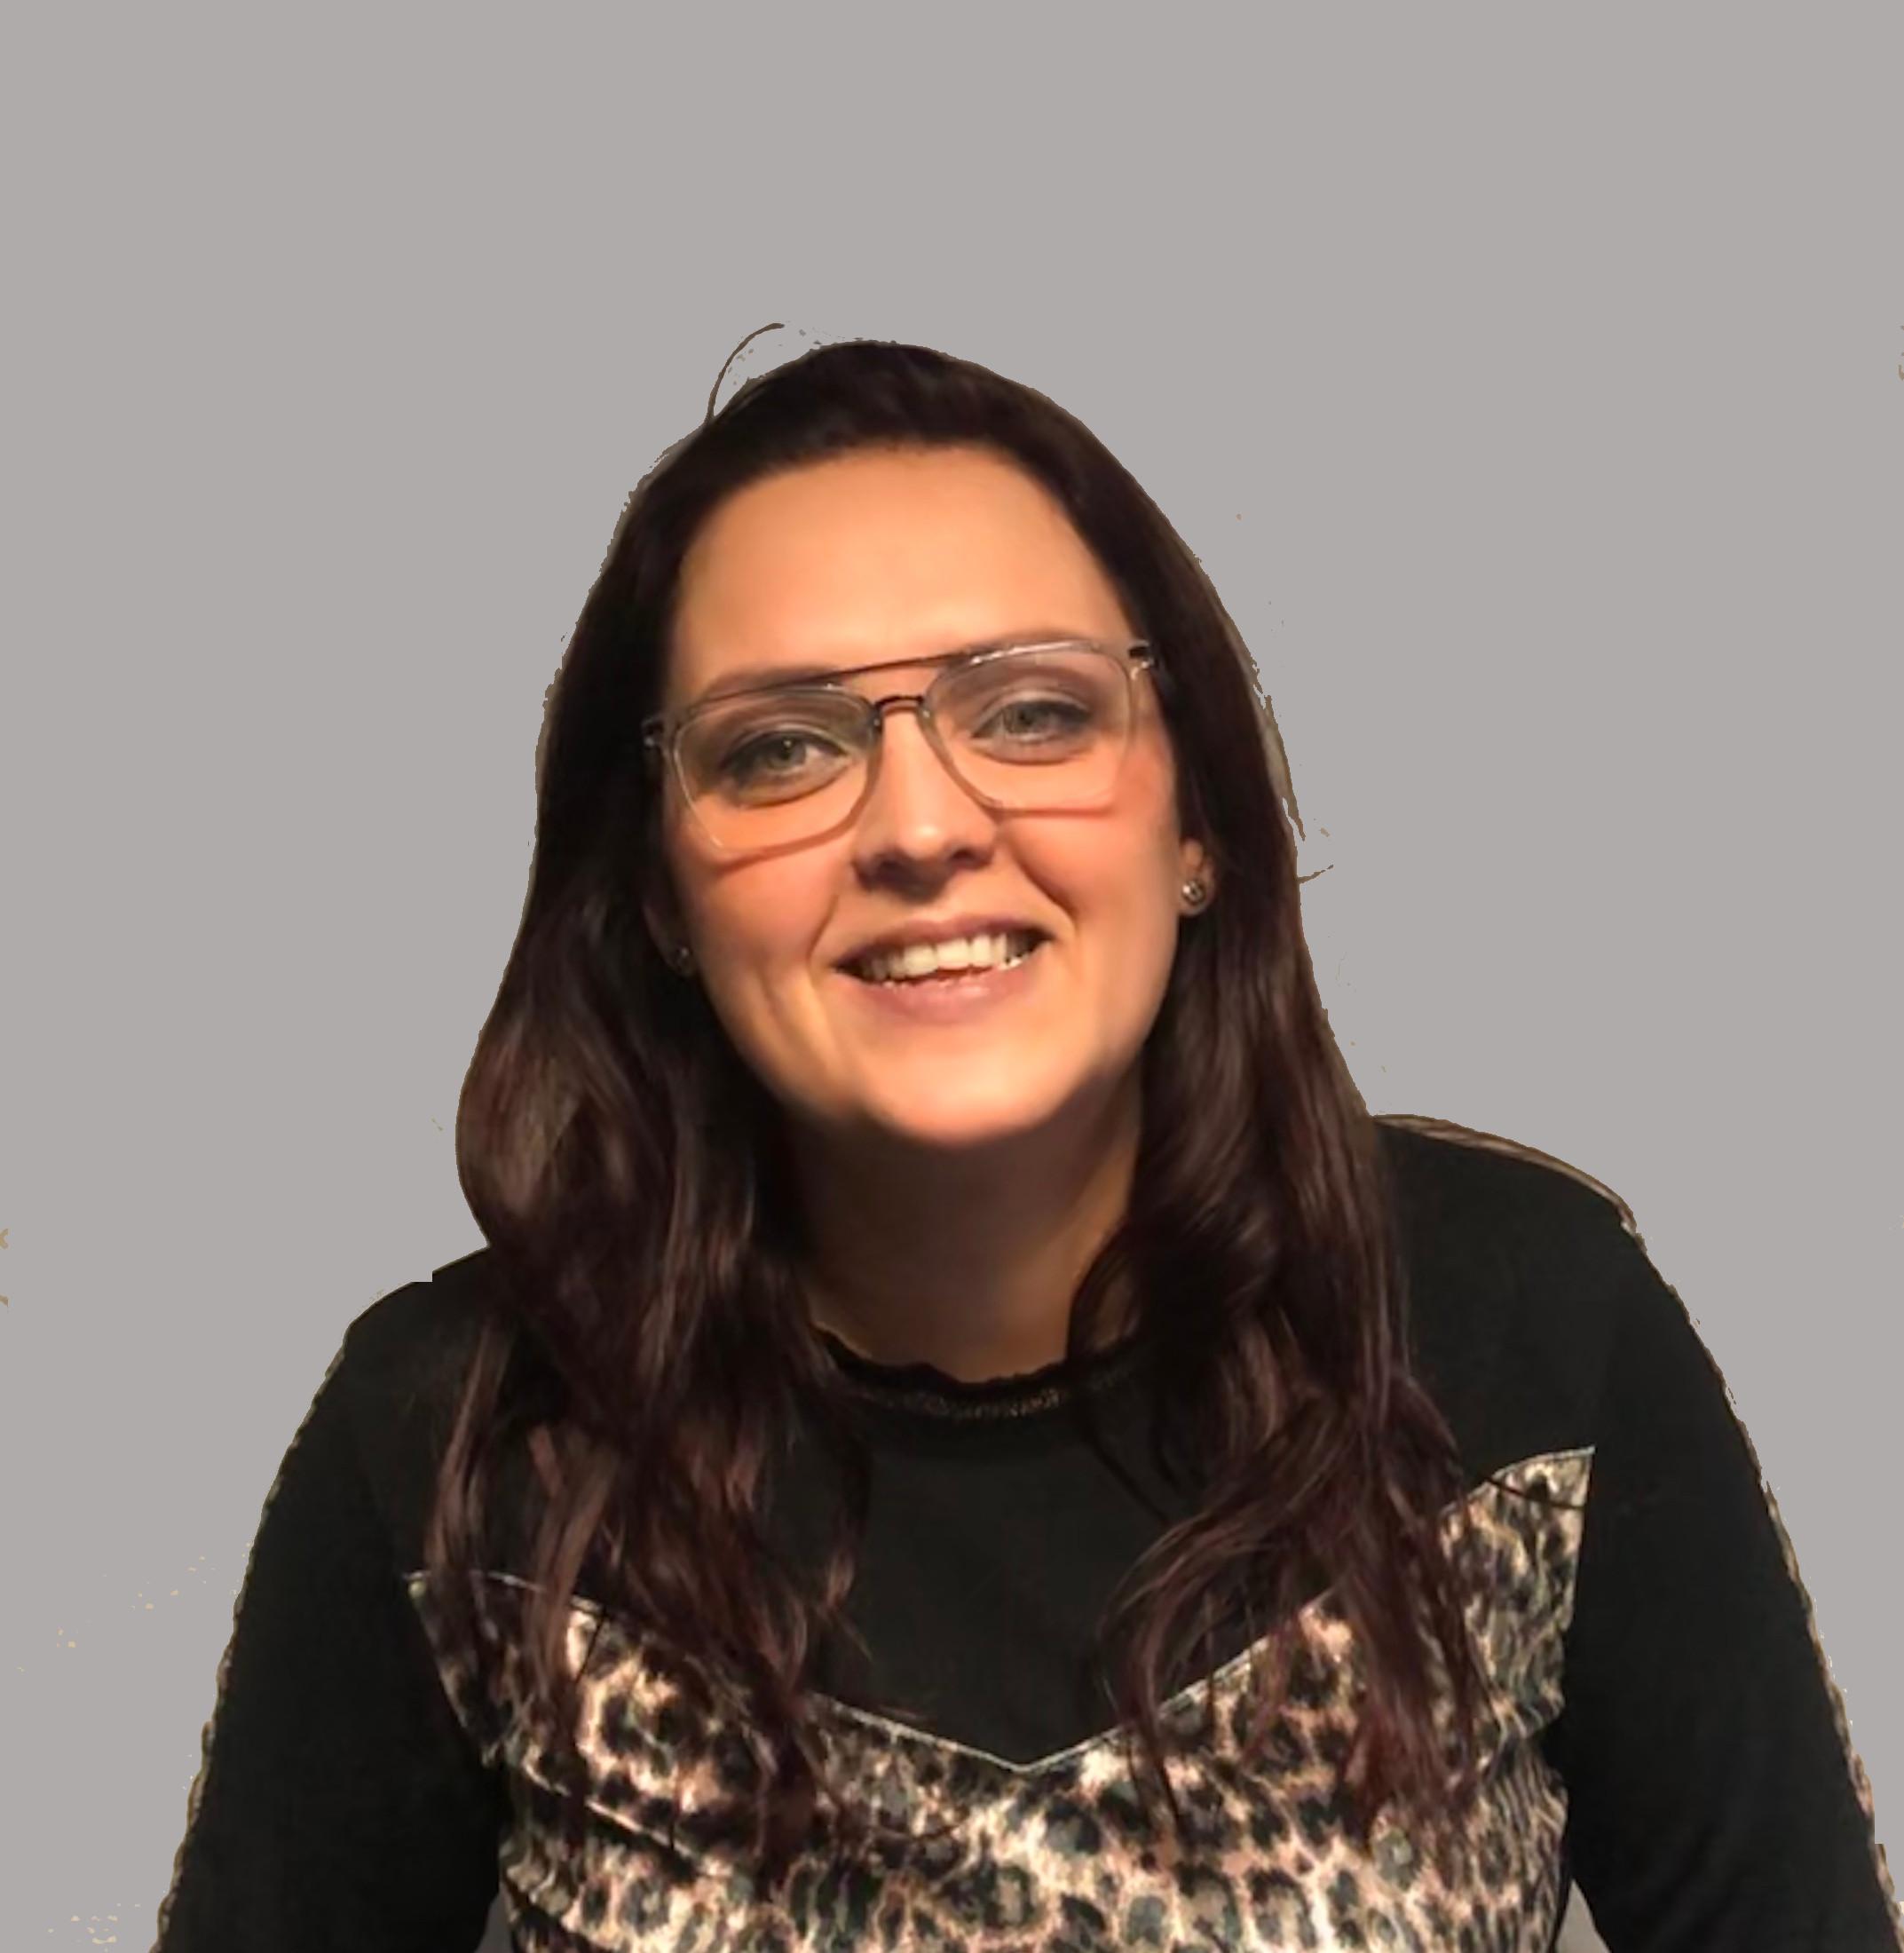 Ryanne Velthuis